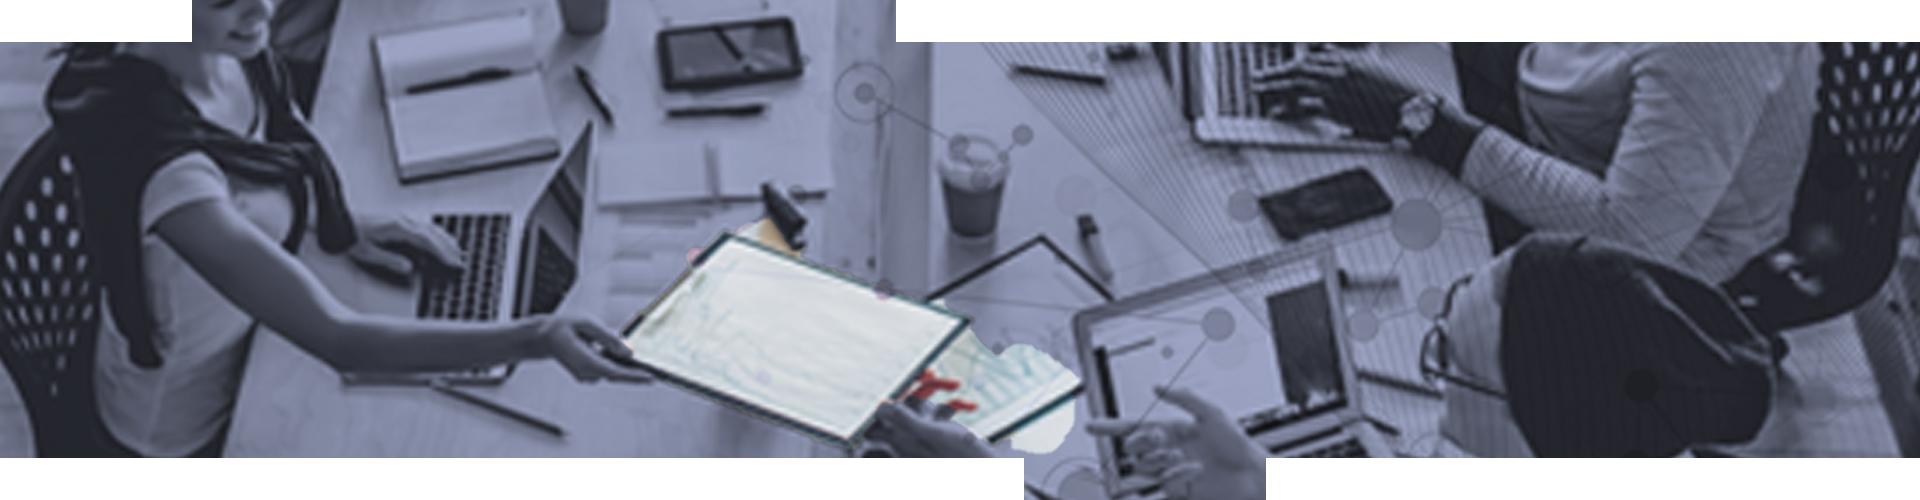 Re-actívate desde casa, ¡súmate a la transformación de profesionales y empresas!